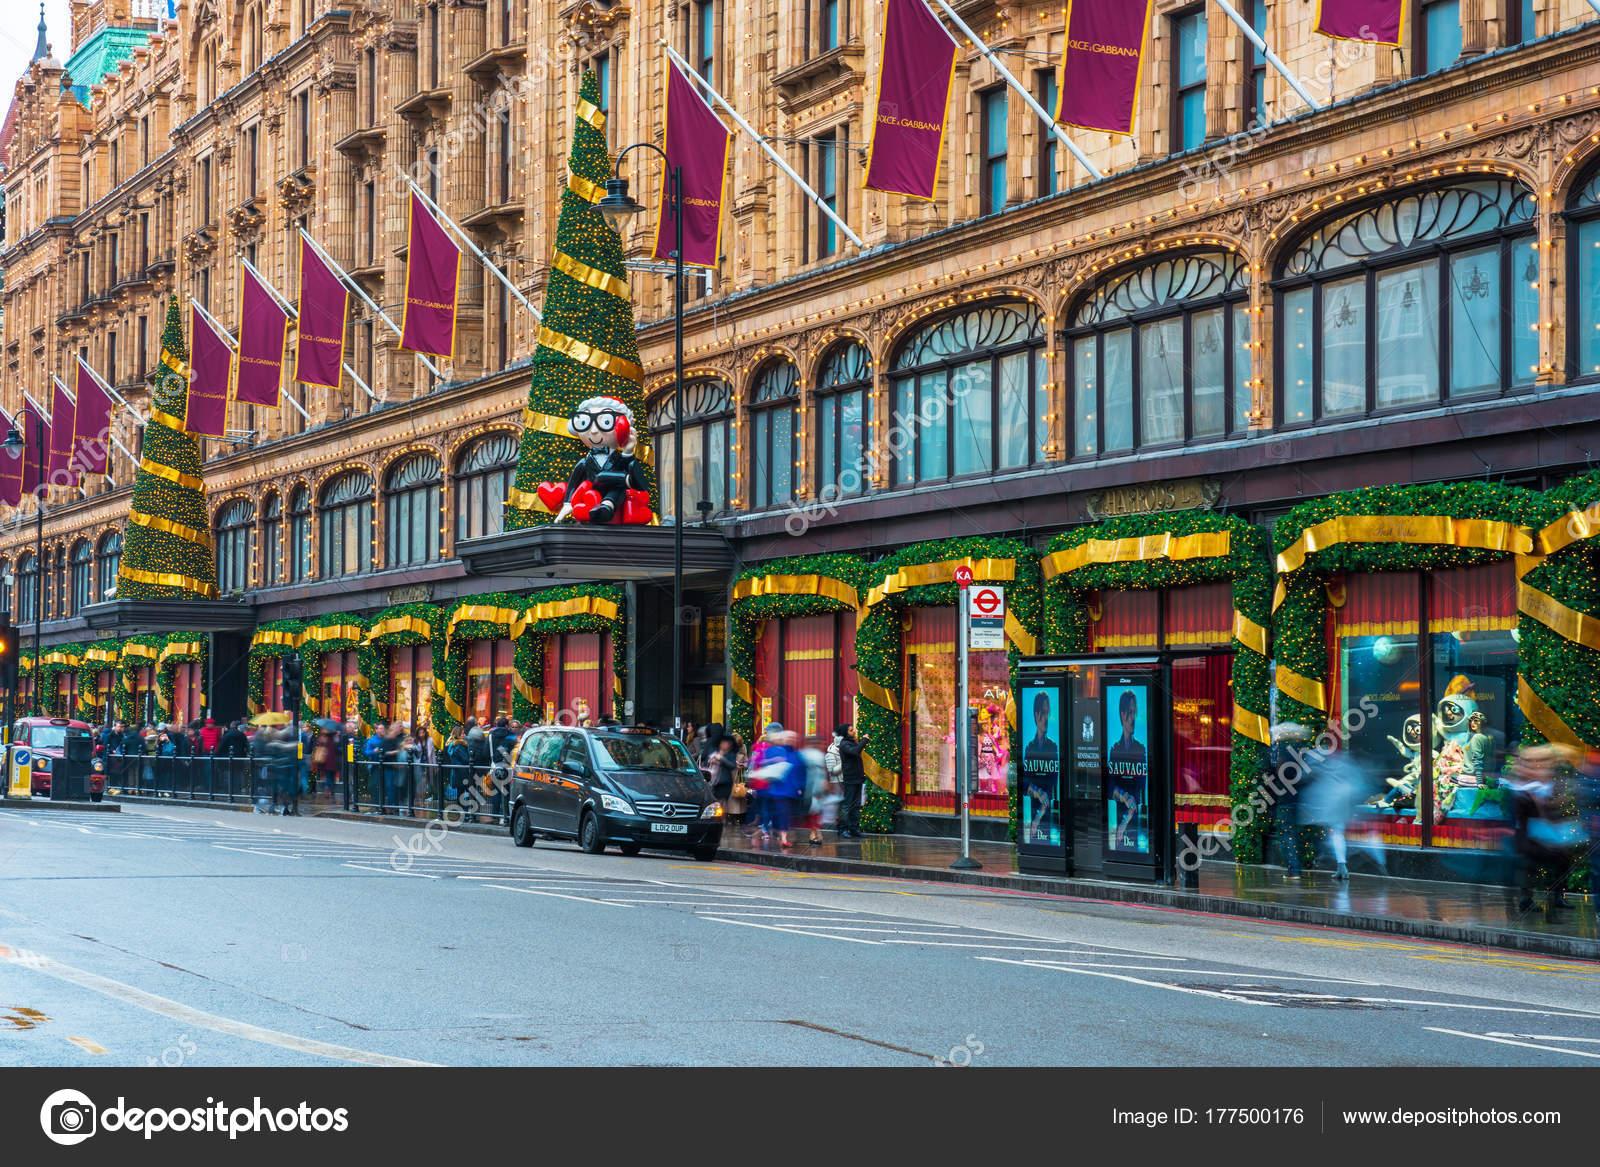 Harrods Winkel Gevel Versierd Voor De Kerst Londen Uk